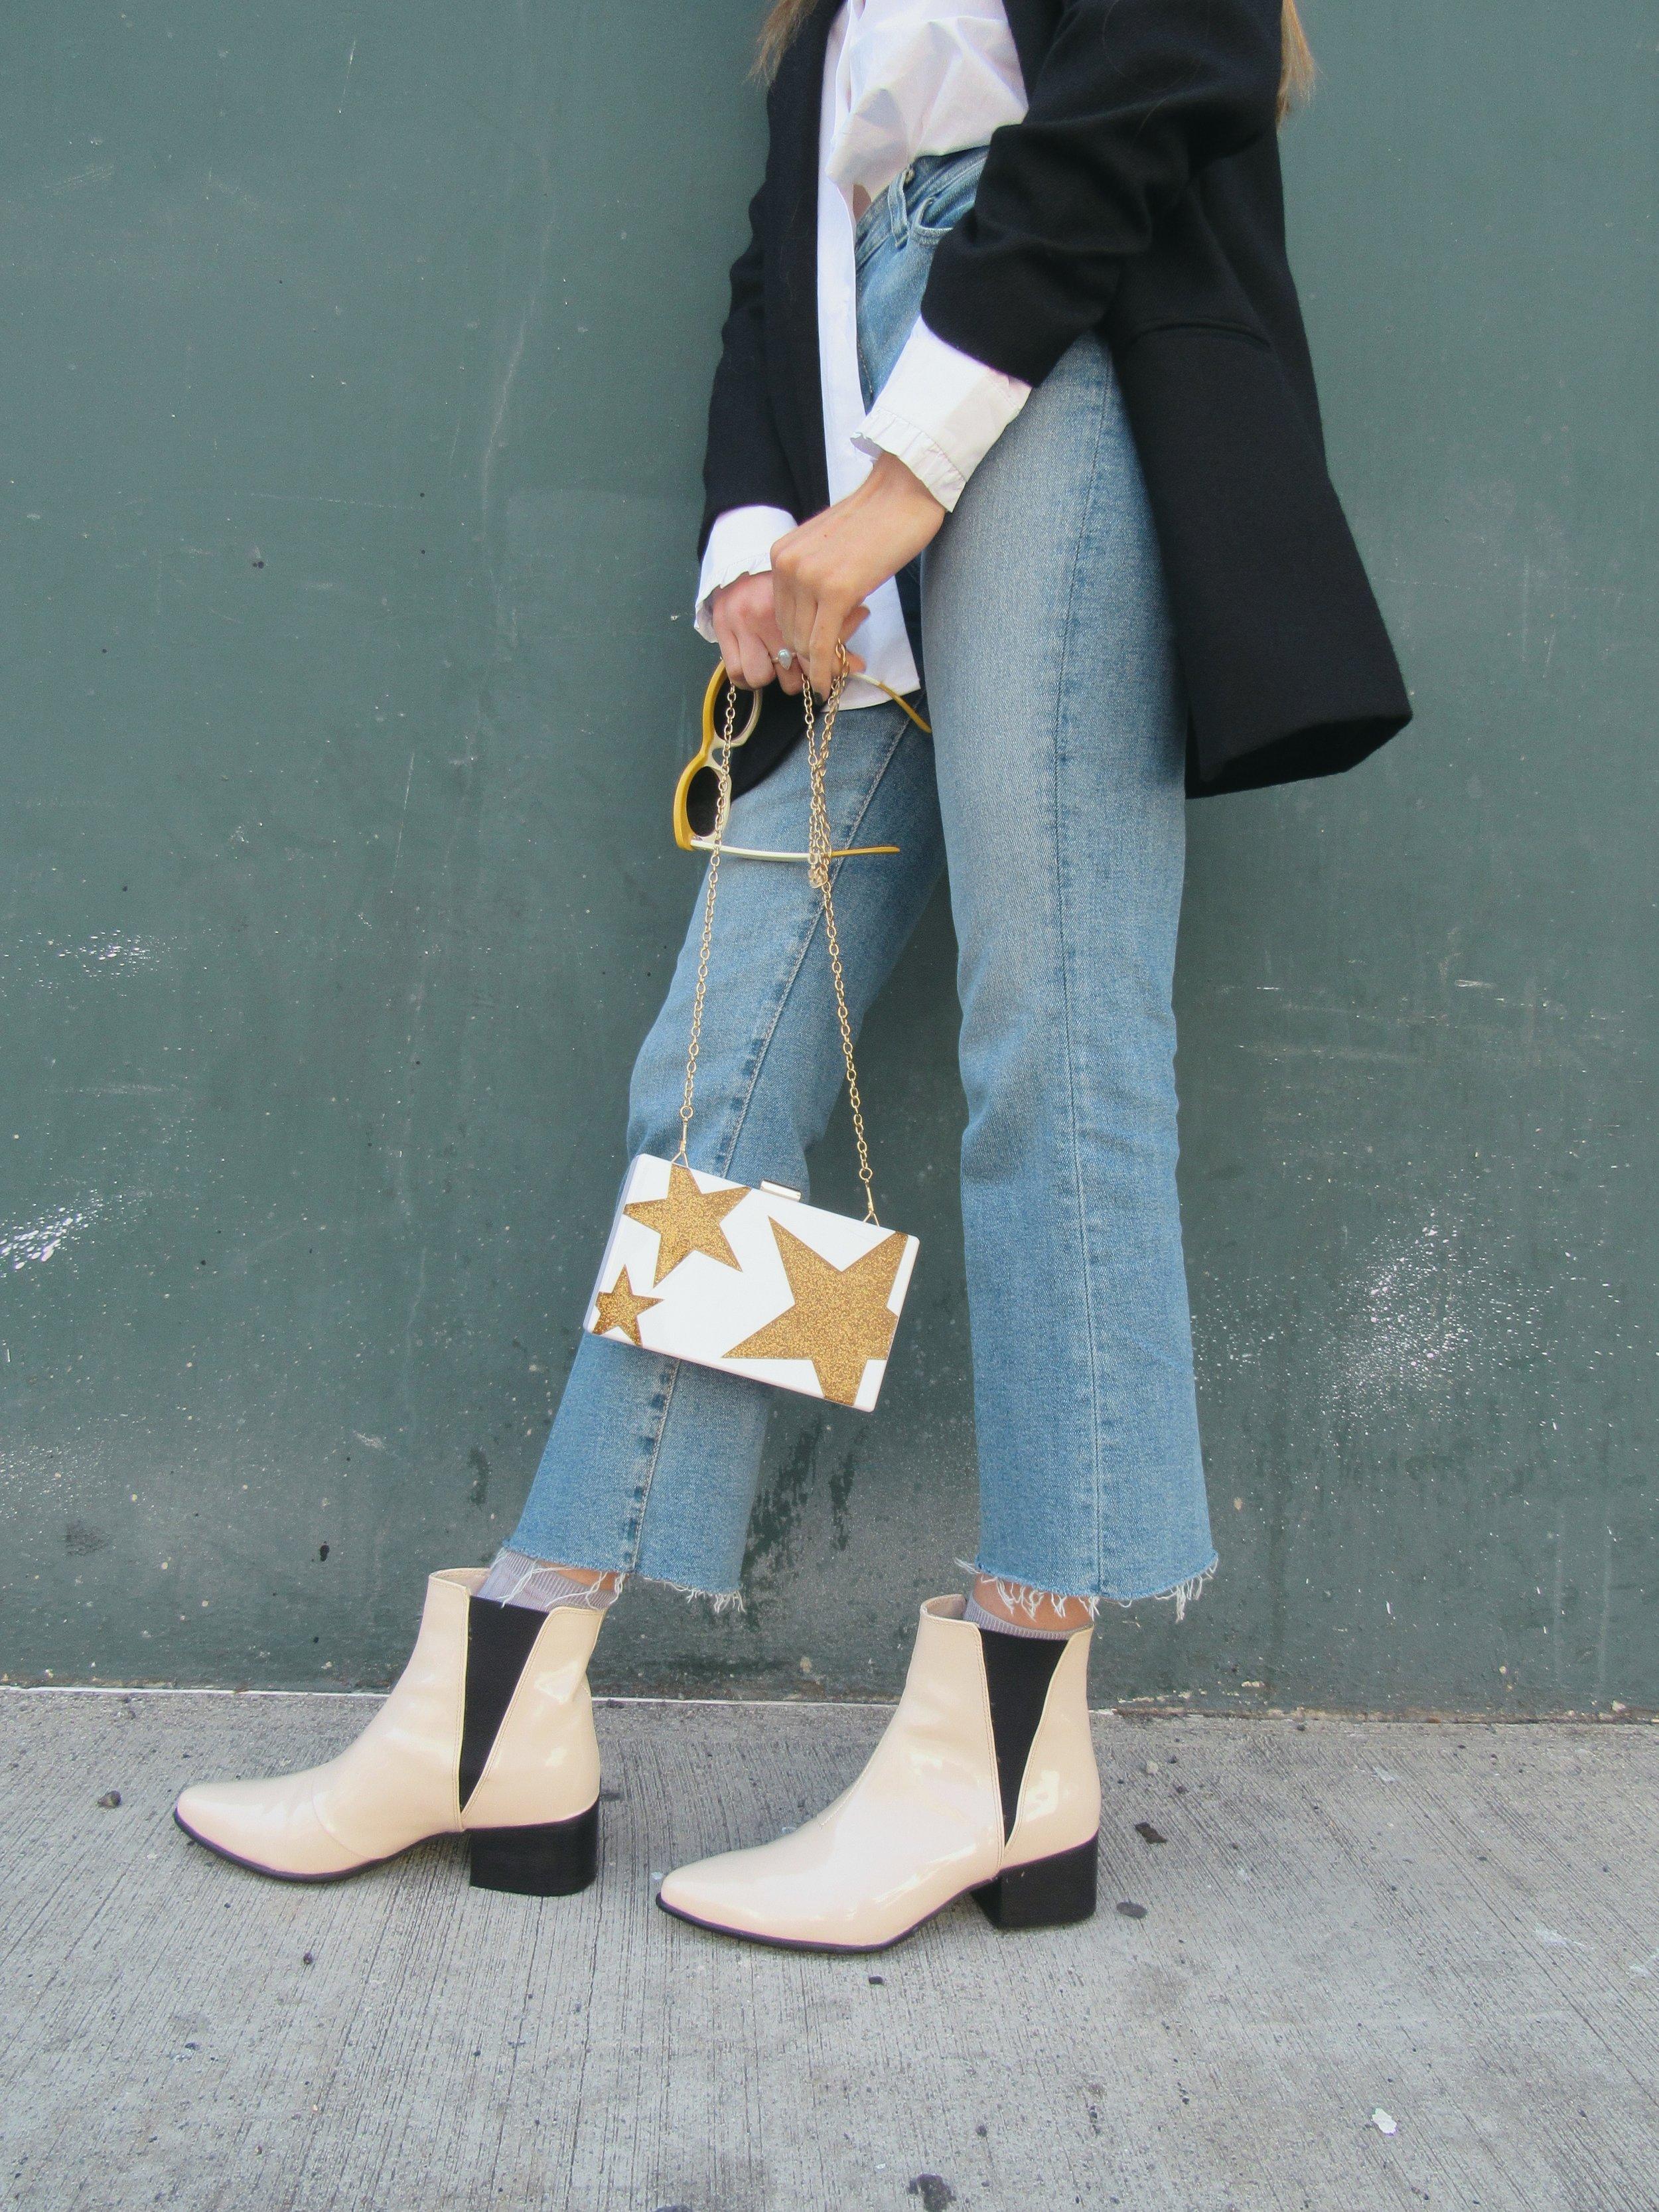 leg purse detail.jpg